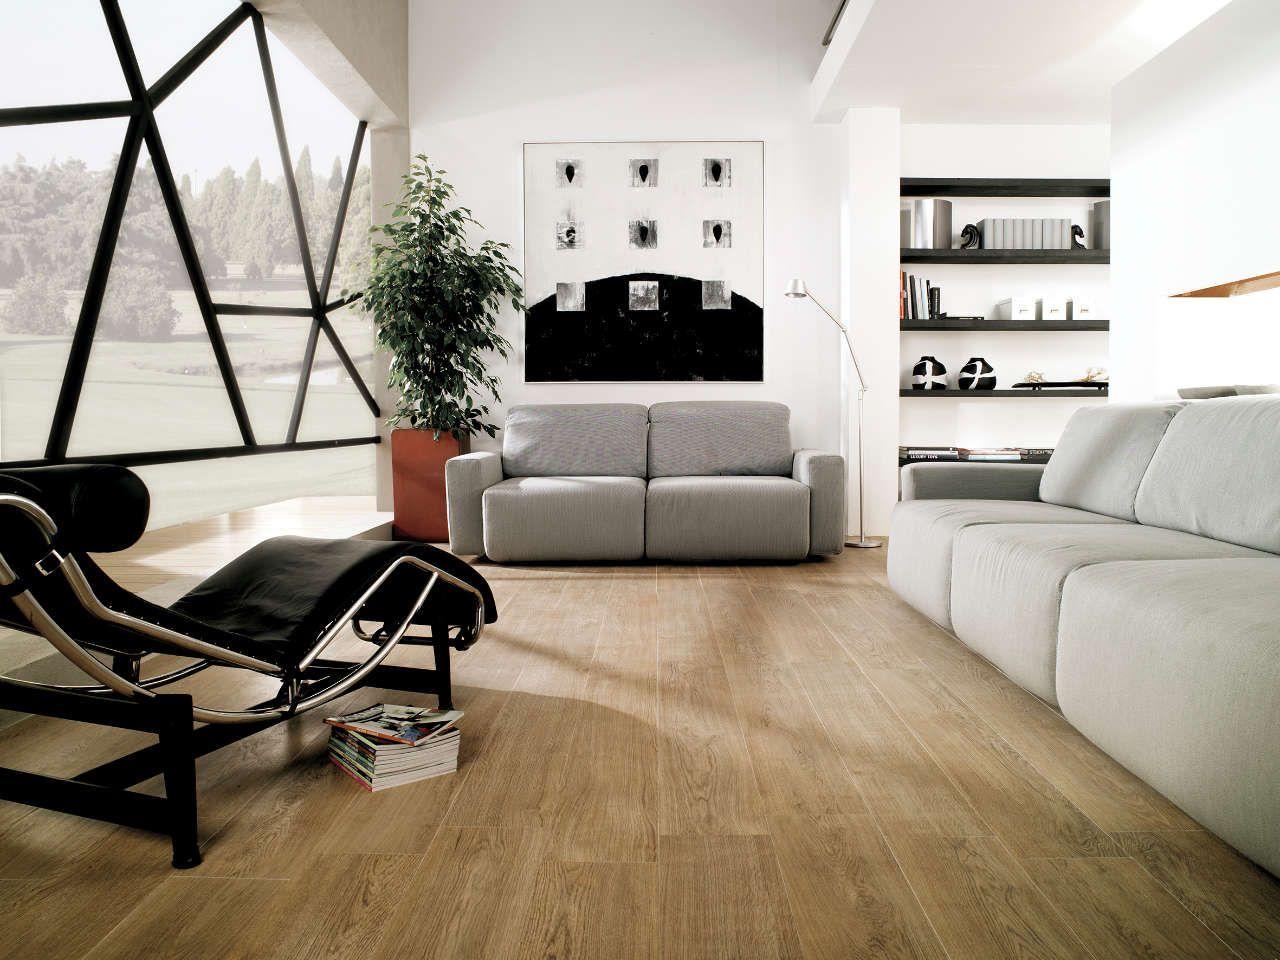 Pavimento par ker canad copper 193x120 cm home interiors canada copperfloor tilesparker porcelain wood look tiles doublecrazyfo Image collections